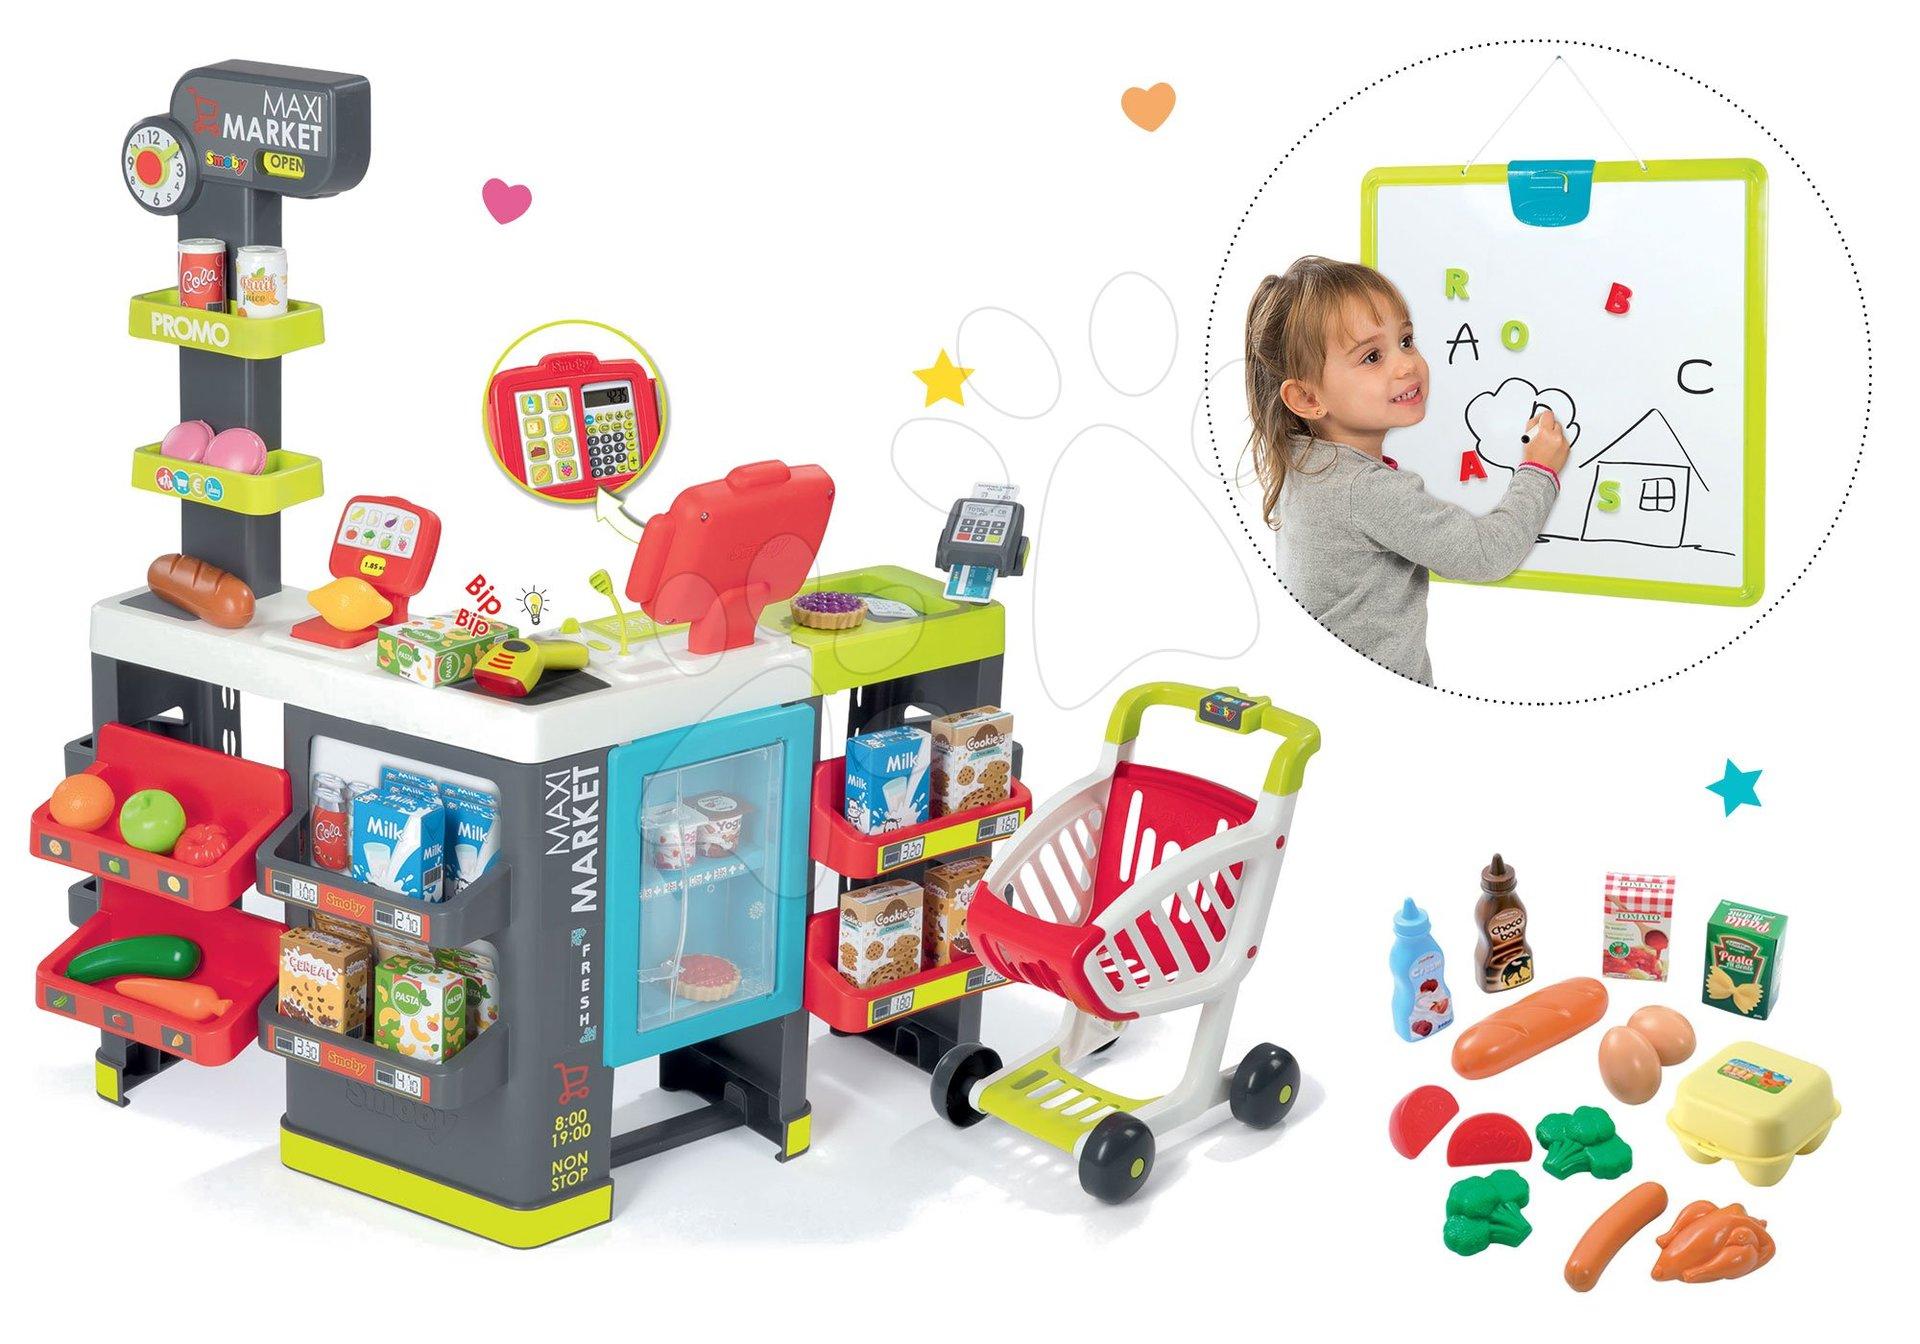 Set obchod Maxi Market Smoby s elektronickou pokladnou, magnetickou tabulí a potraviny v síťce Bubble Cook